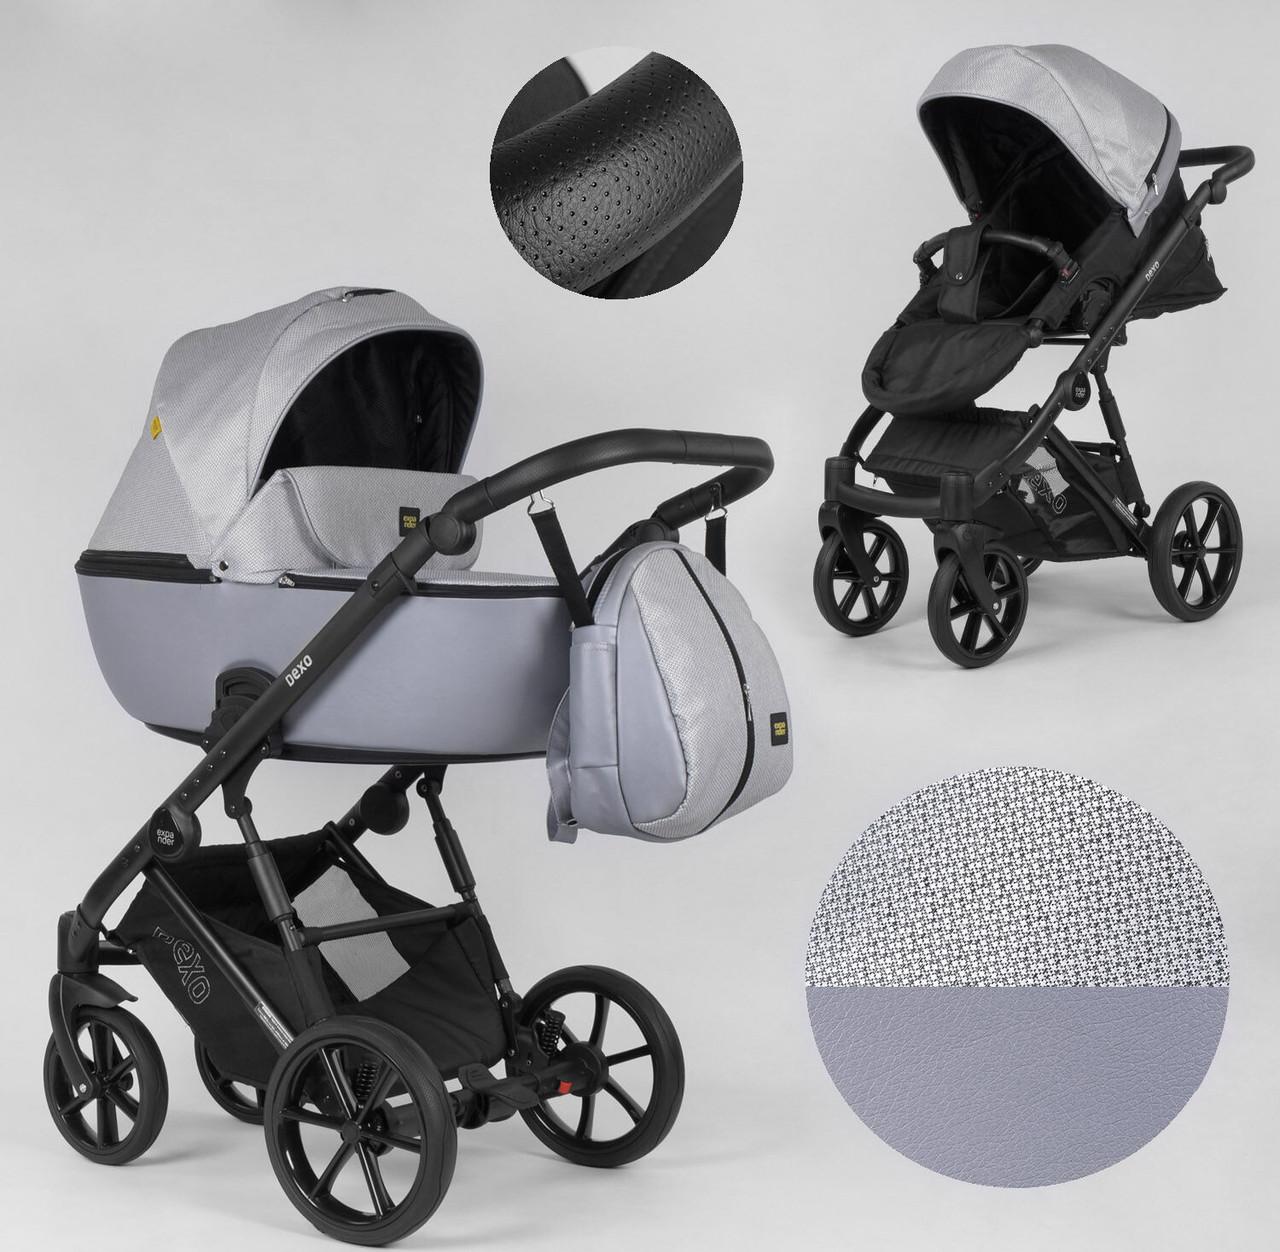 Дитяча коляска 2 в 1 Expander DEXO D-15022 колір GreyFox, водовідштовхувальна тканина + еко-шкіра